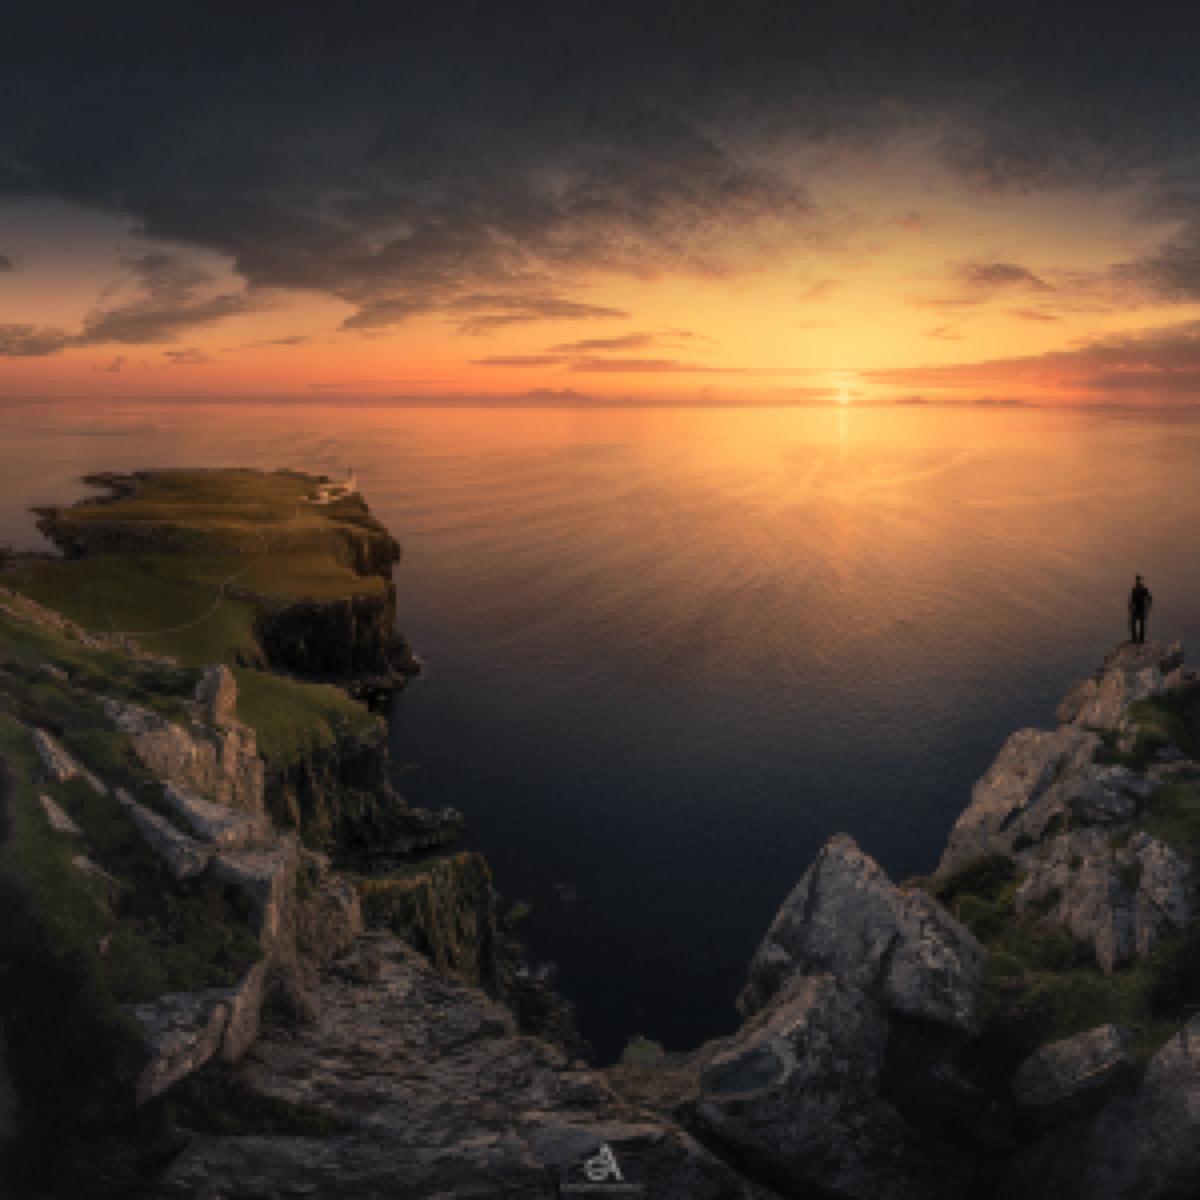 SCOZIA – Viaggio Fotografico nell'Isola di Skye